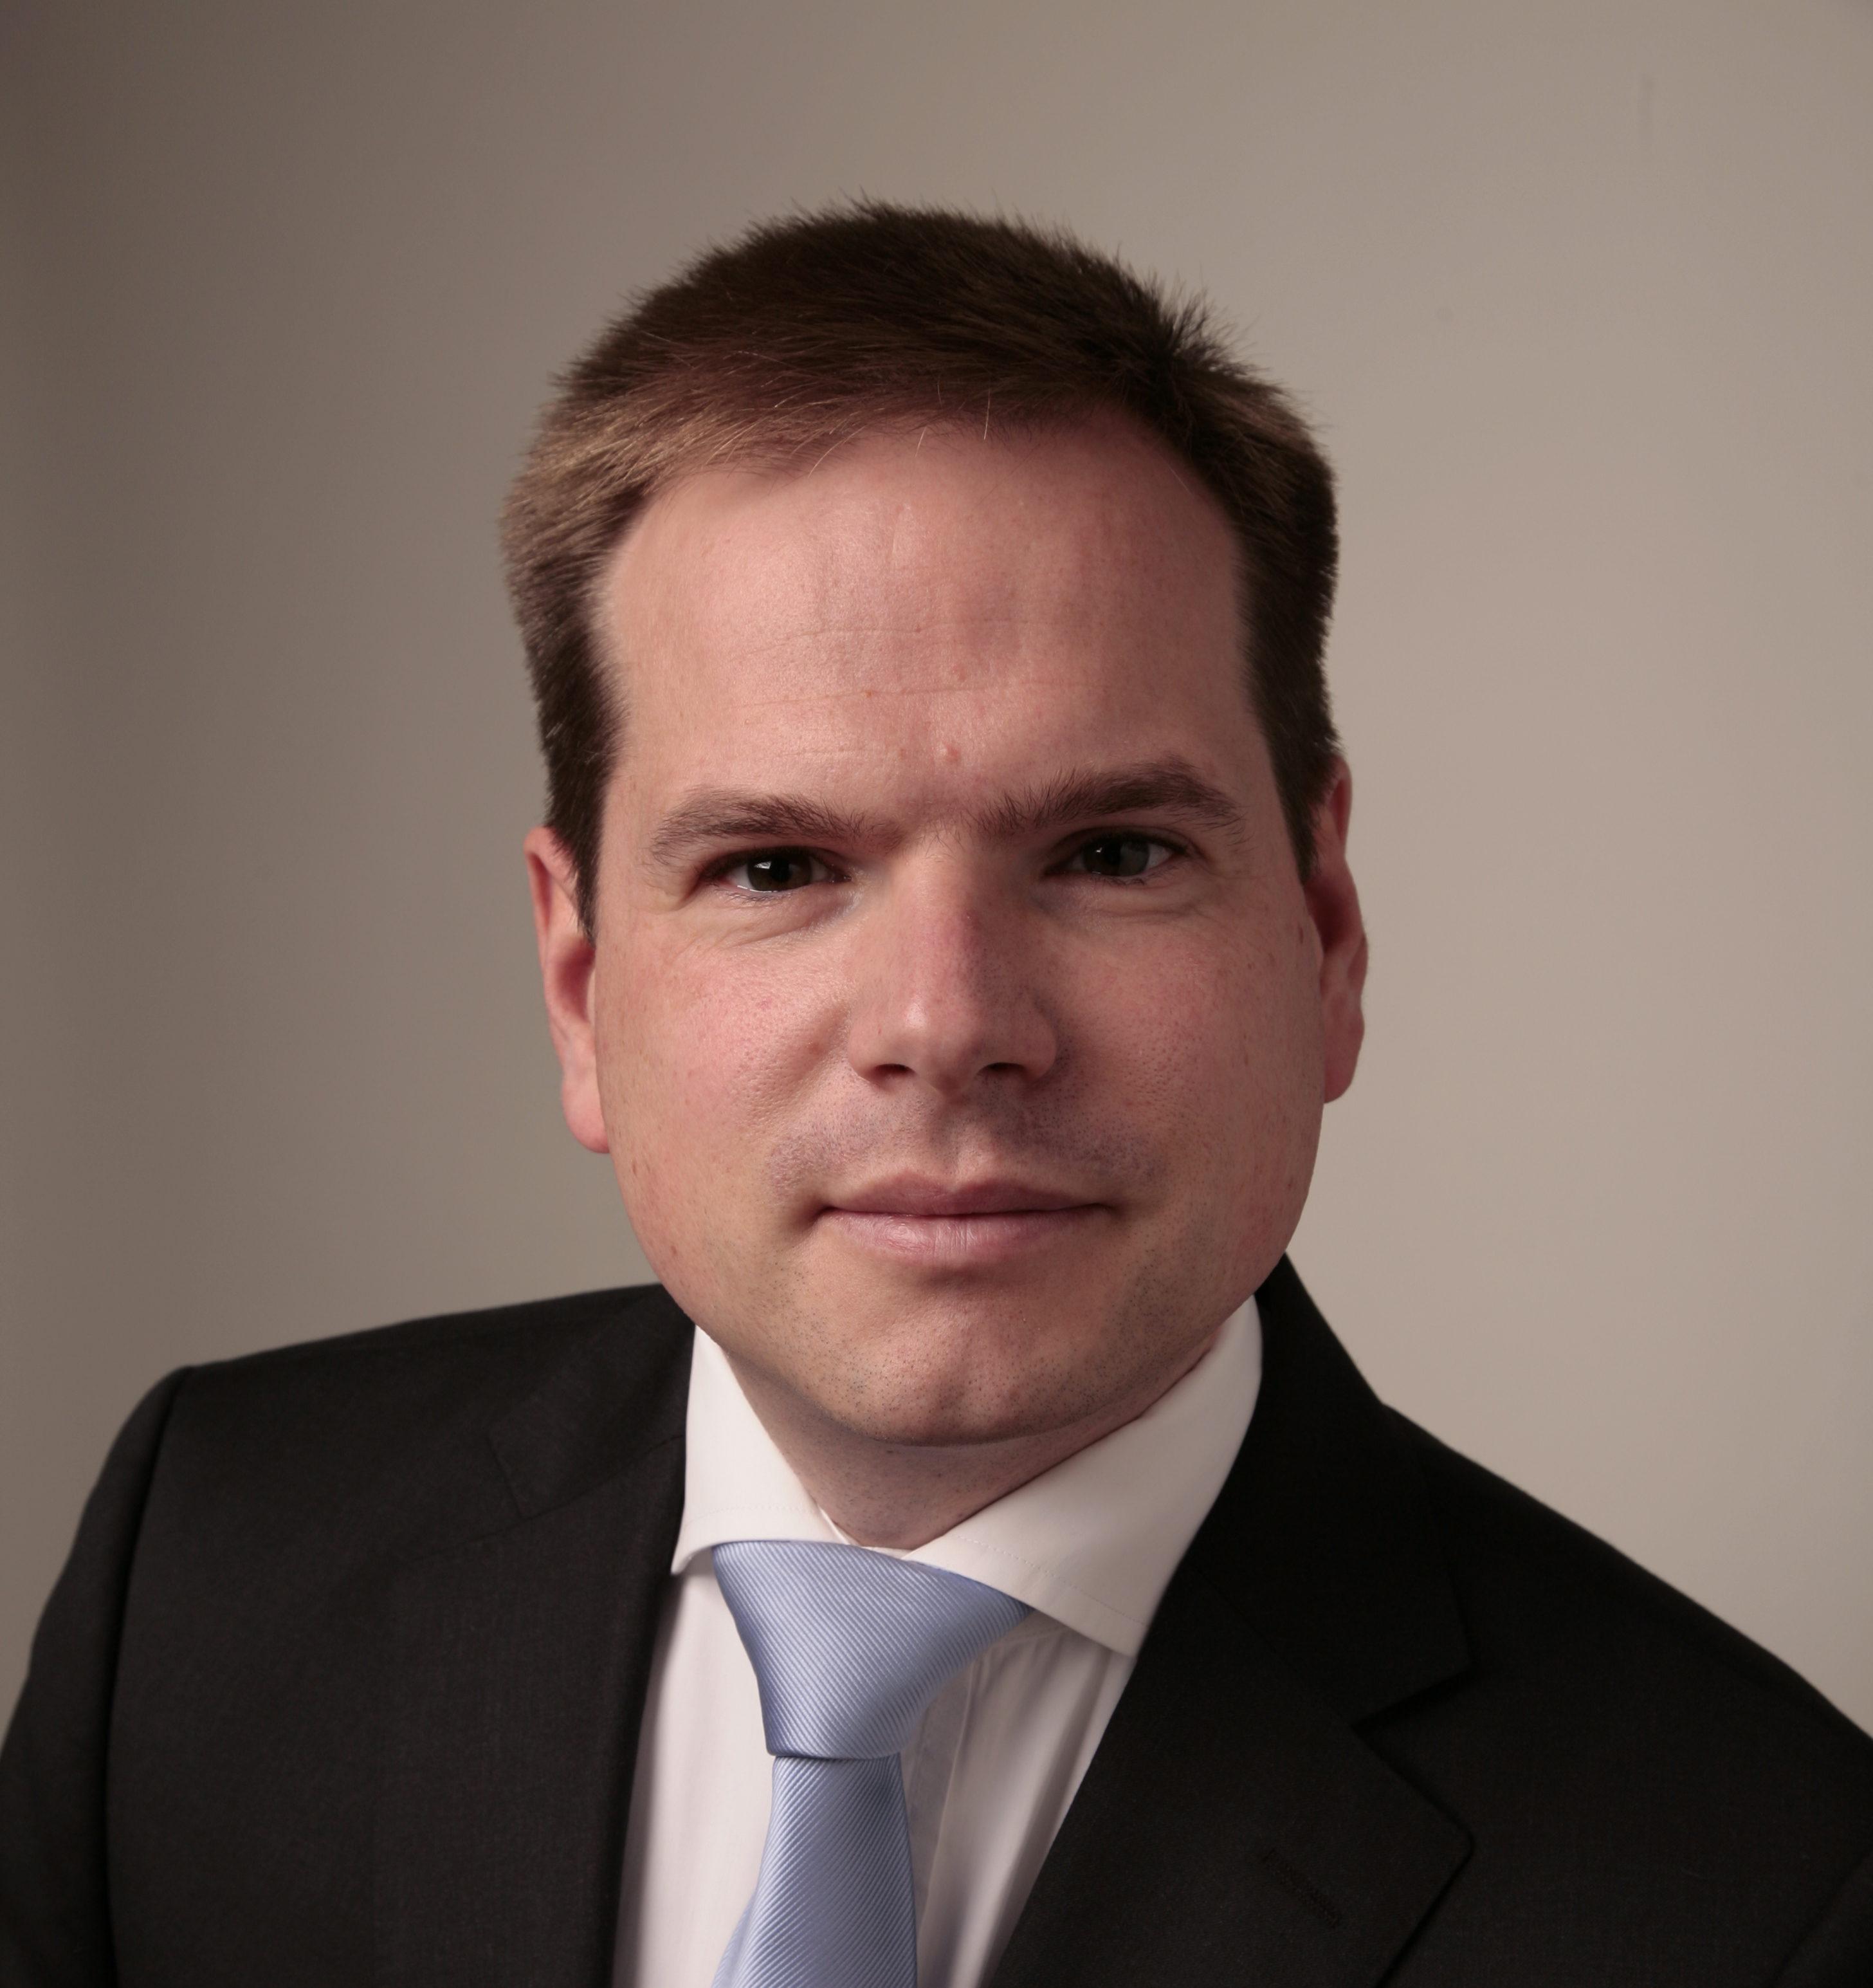 Justus Maerker